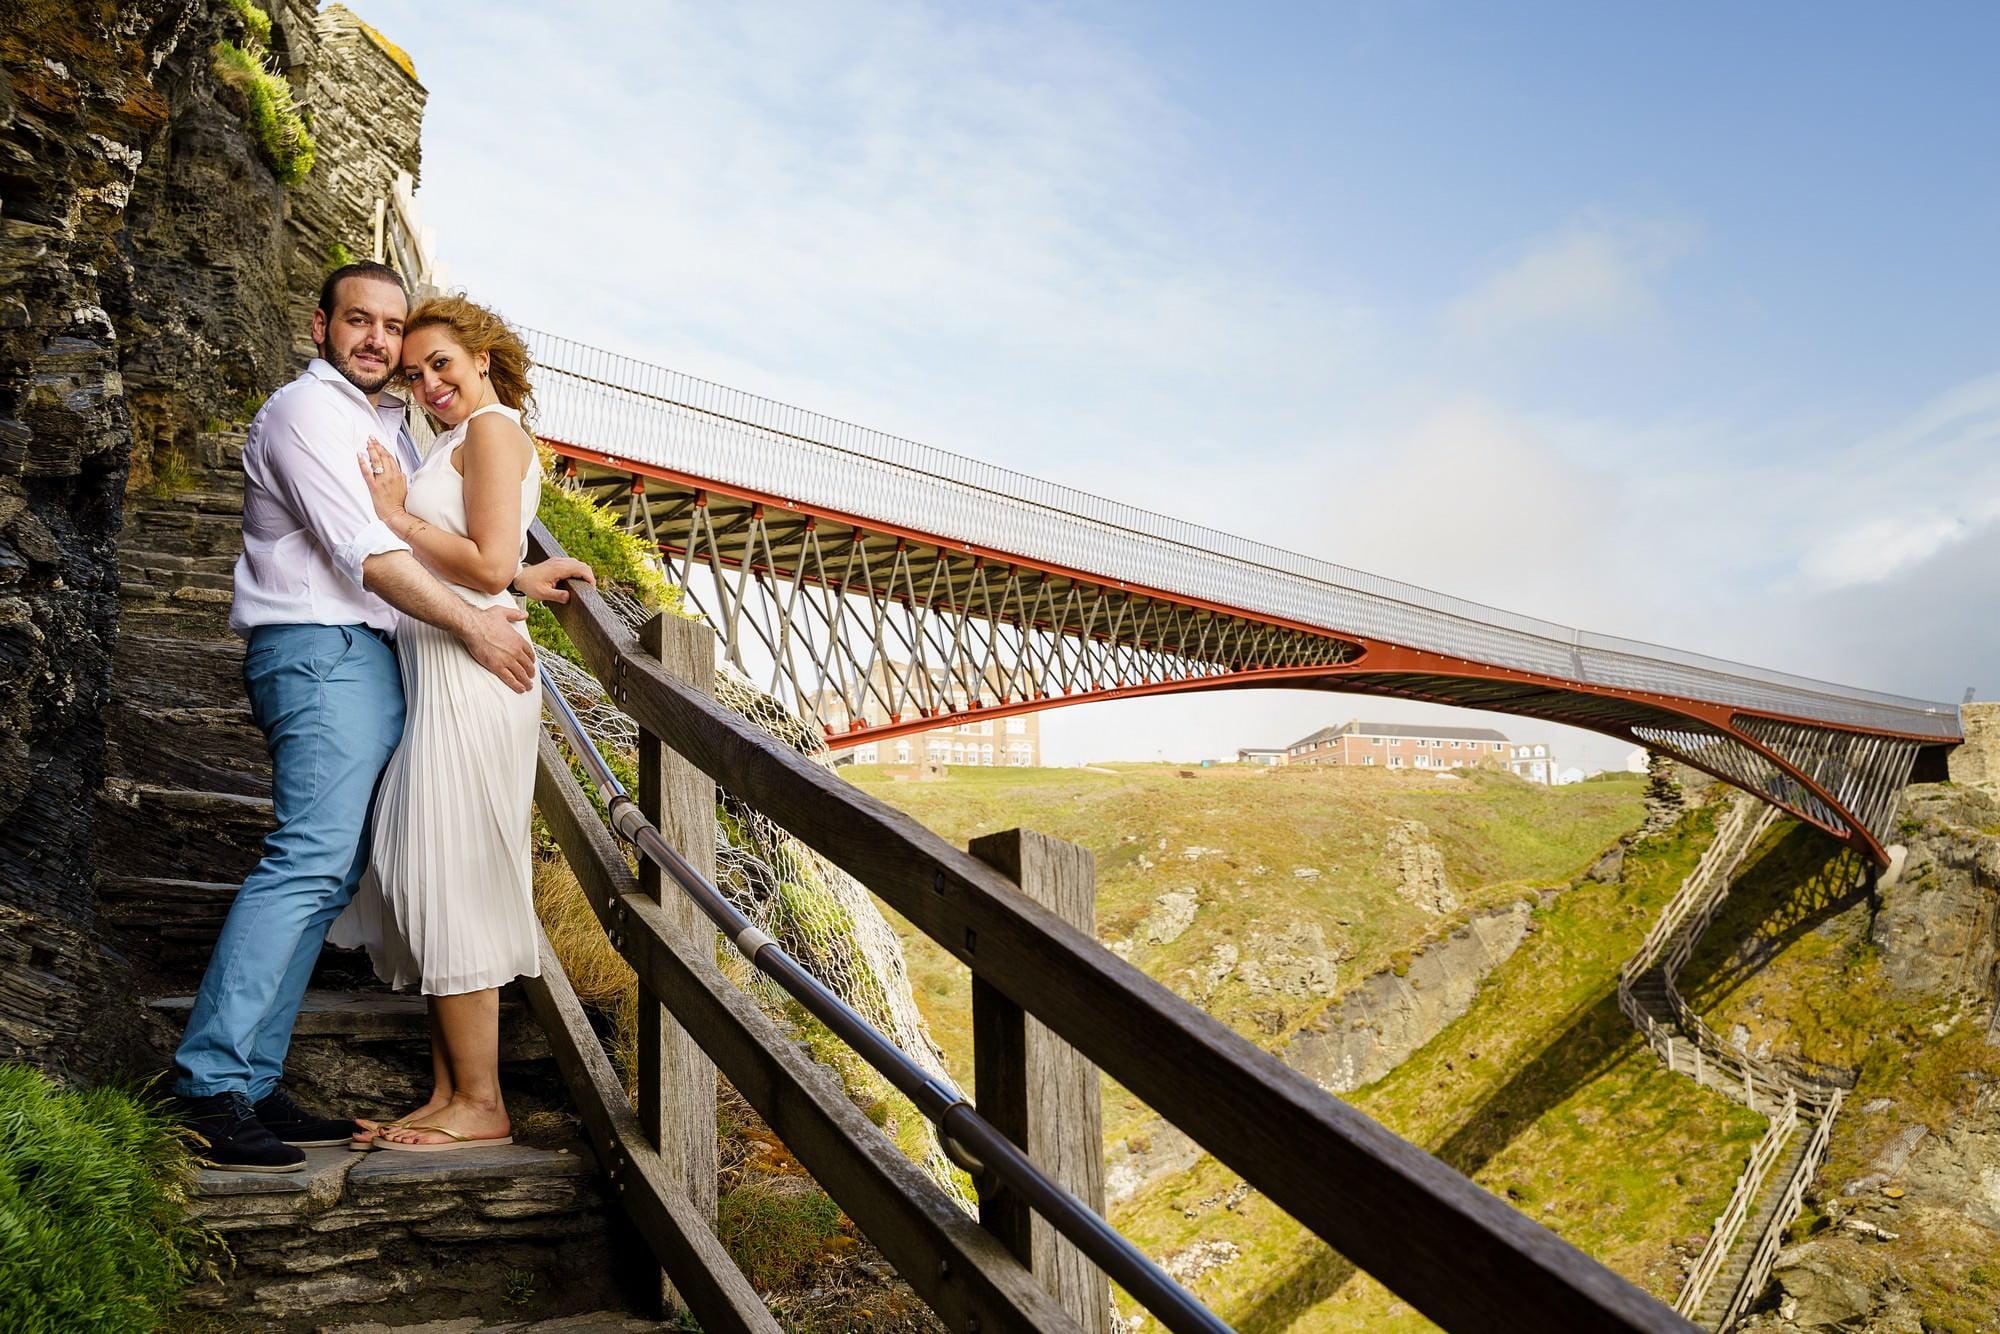 Tintagel-wedding-proposal 10